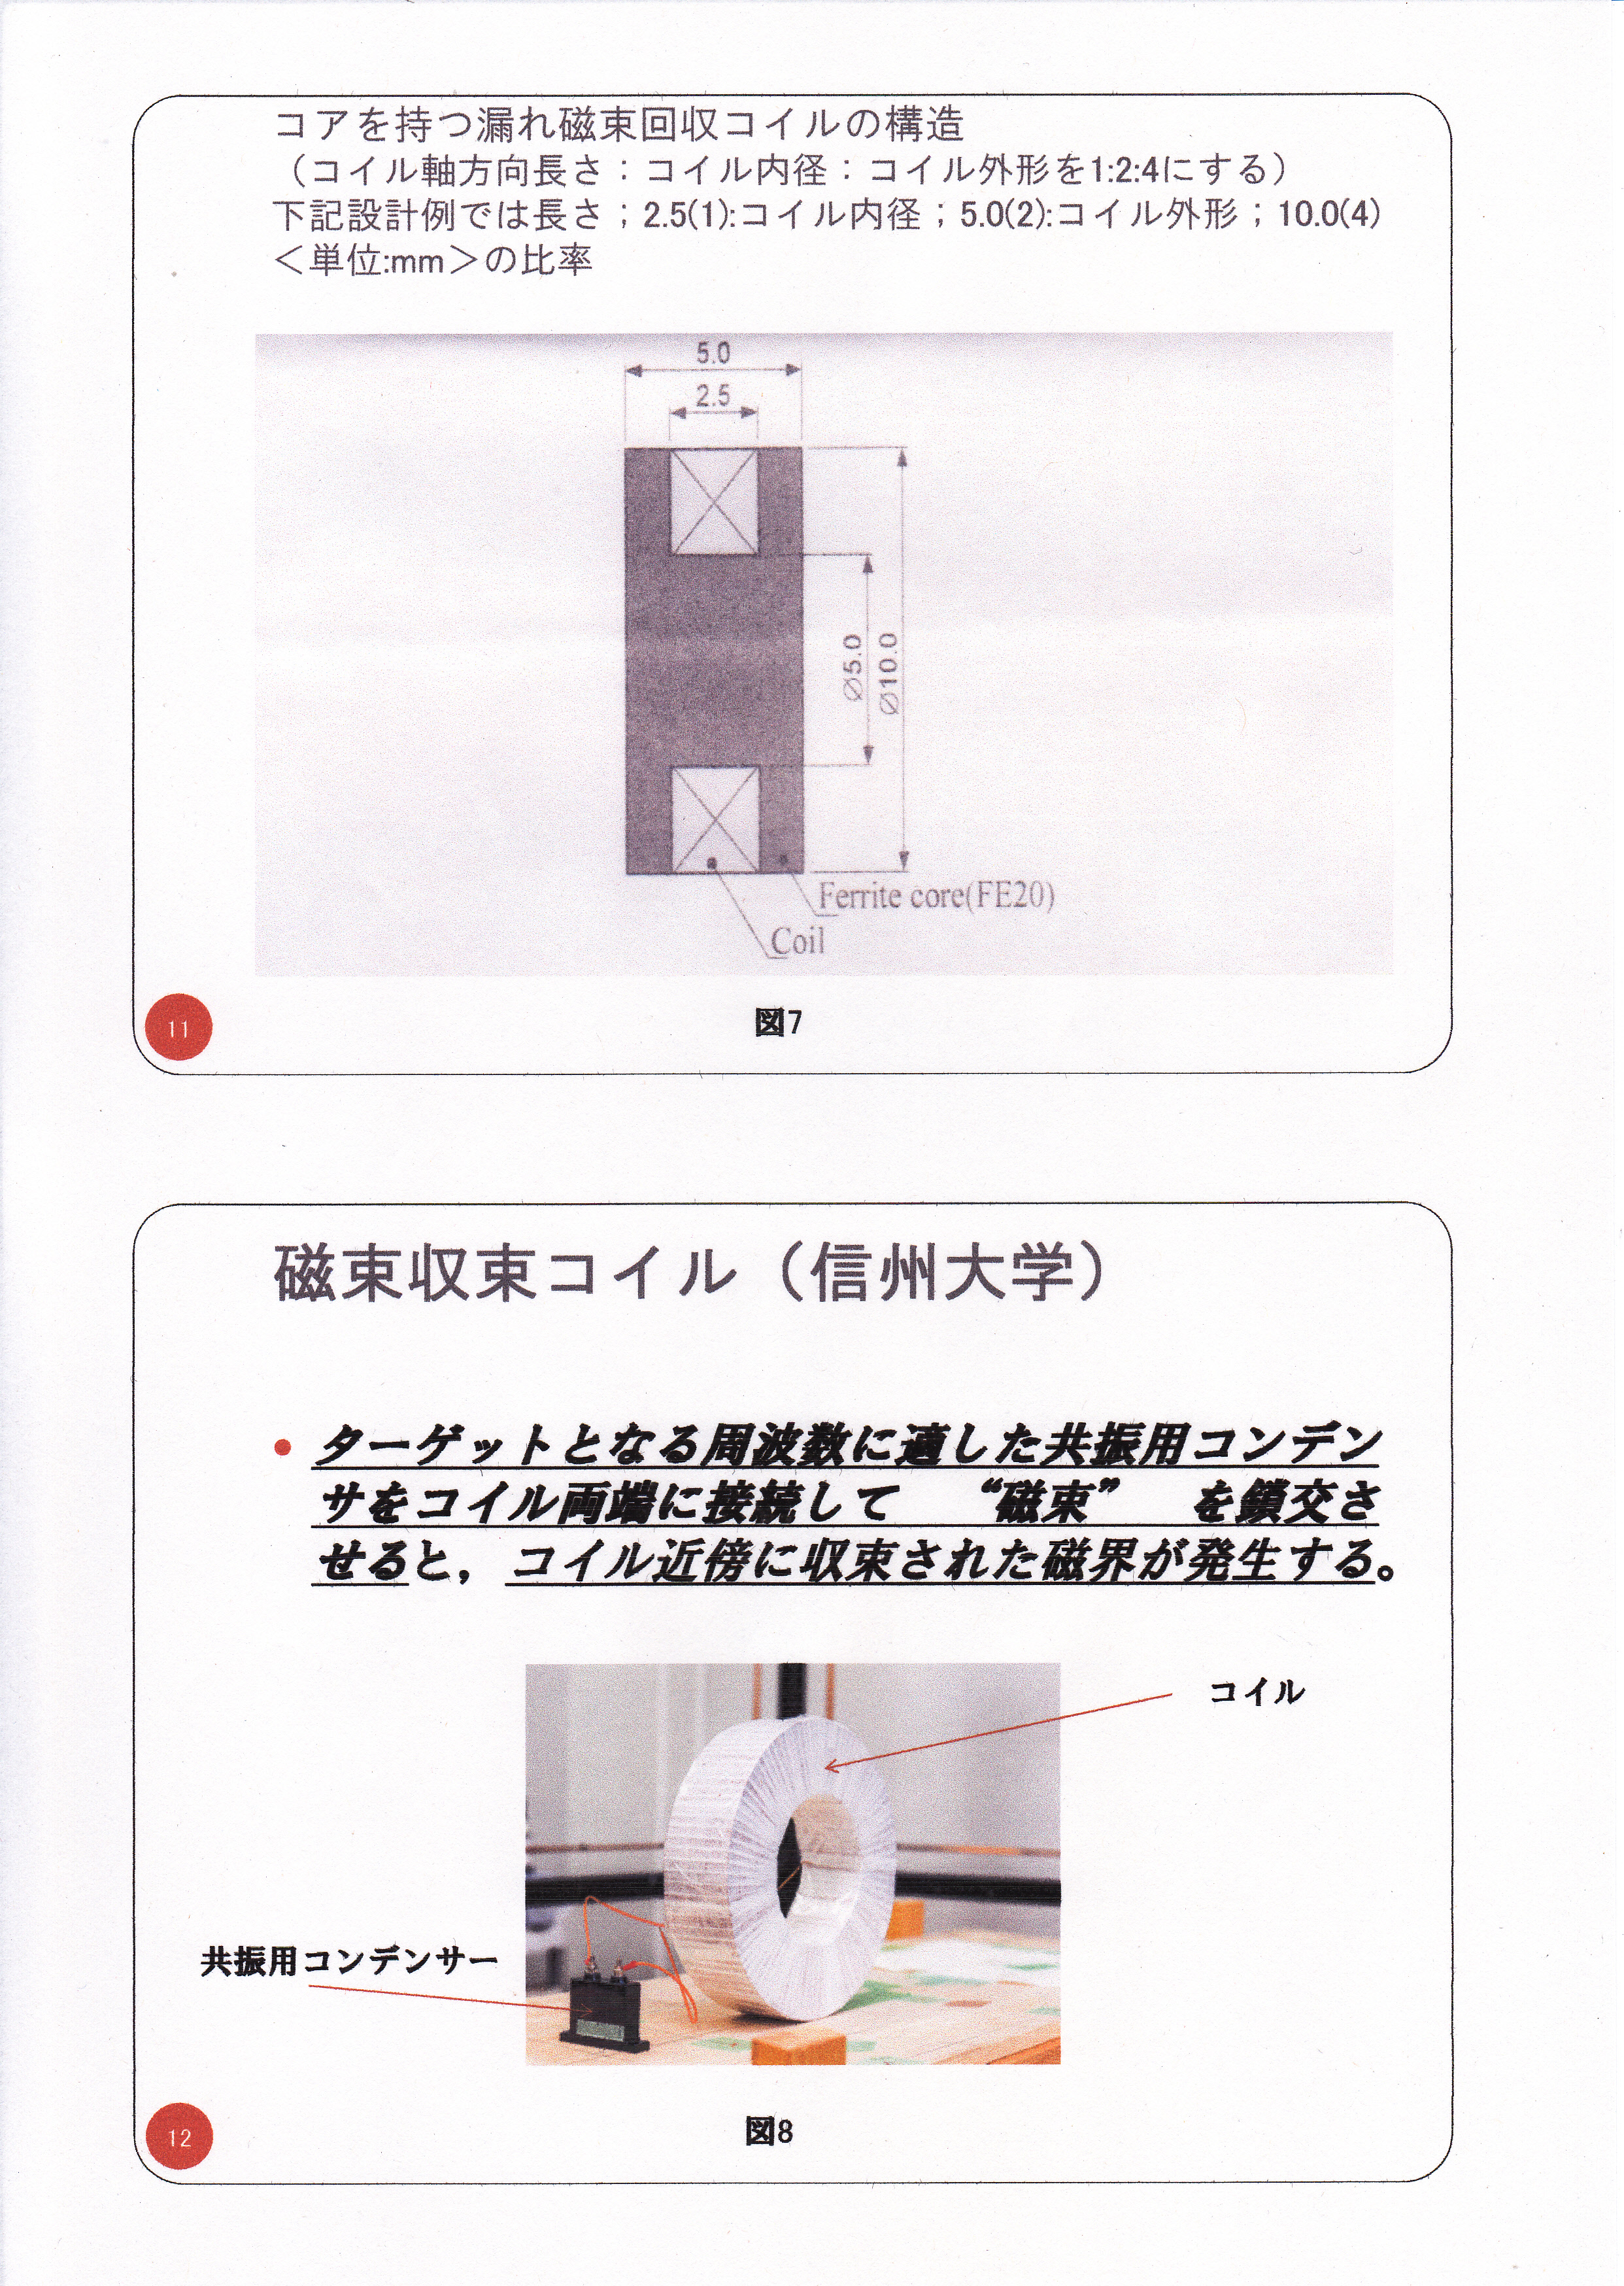 静止型発電機の基礎研究02(漏れ磁束コンバーター)6